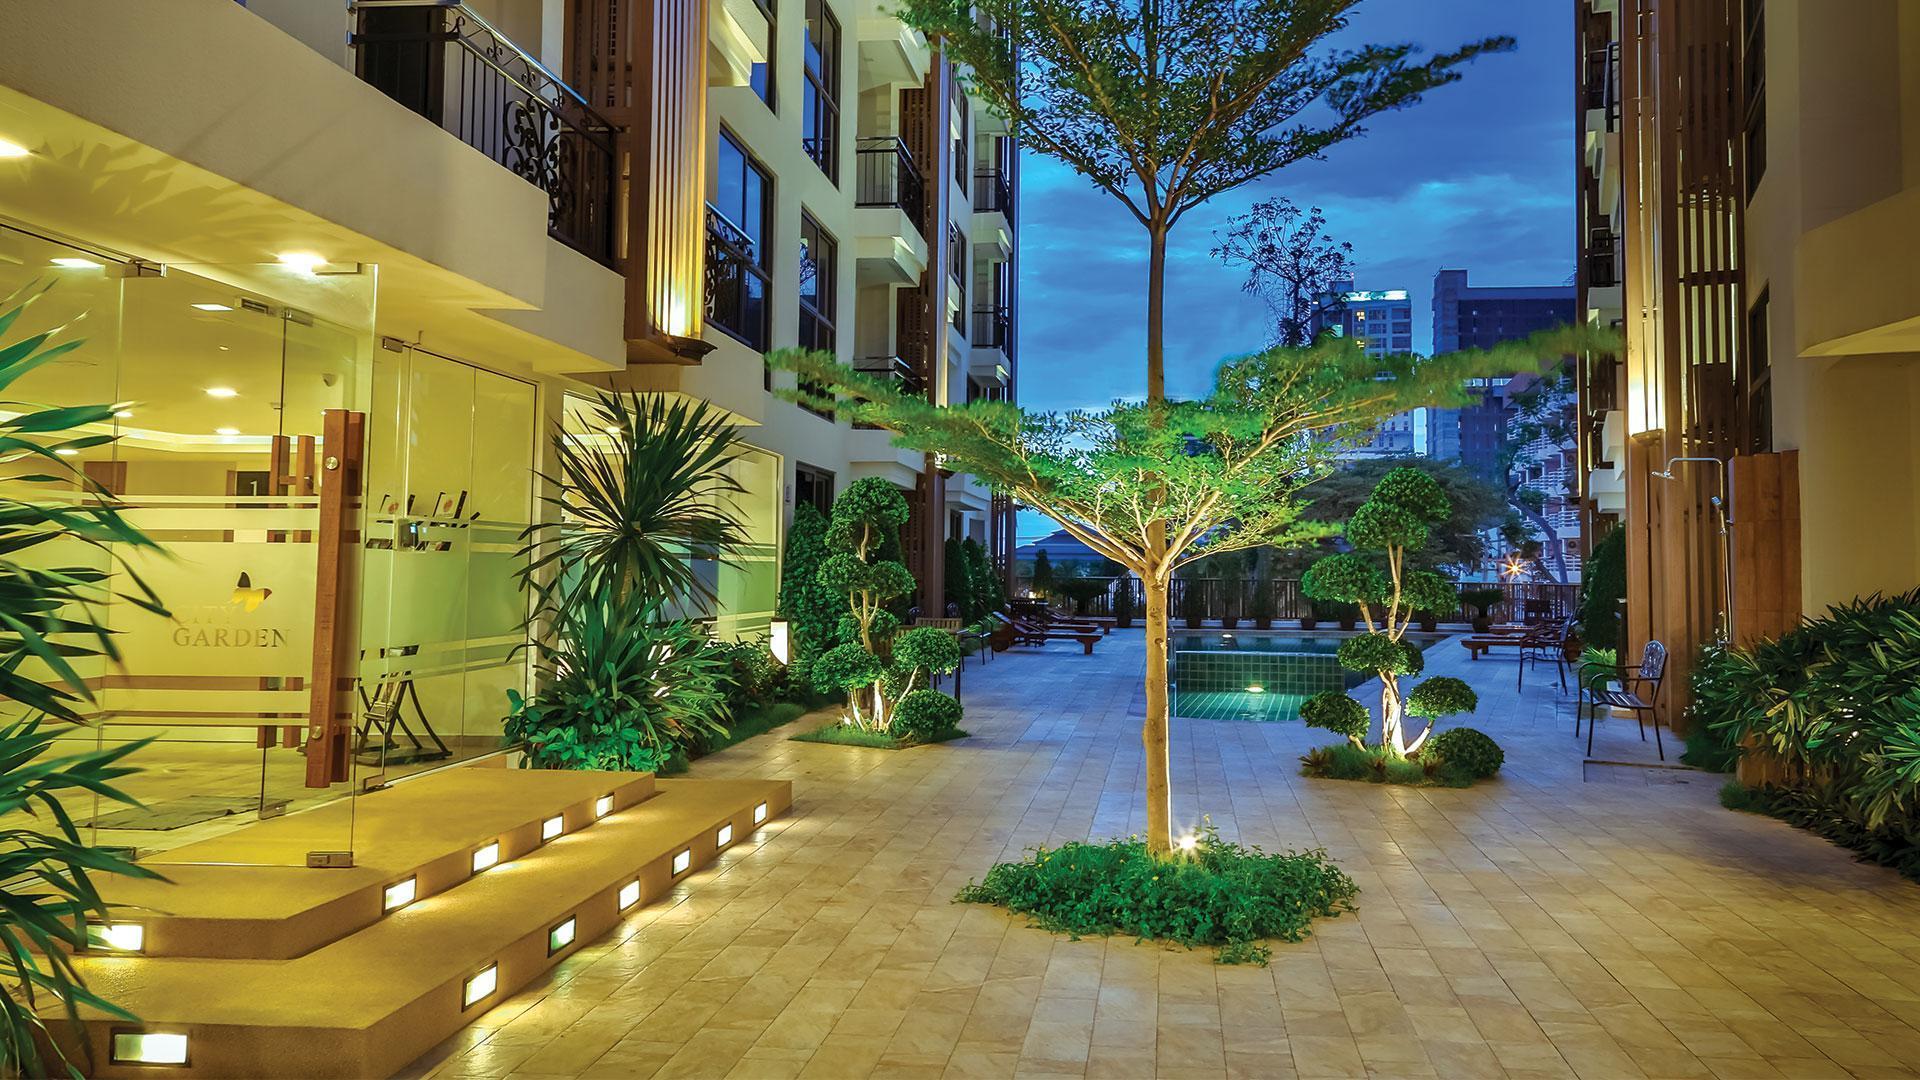 City Garden Pratumnak Studio Suite อพาร์ตเมนต์ 1 ห้องนอน 1 ห้องน้ำส่วนตัว ขนาด 26 ตร.ม. – เขาพระตำหนัก